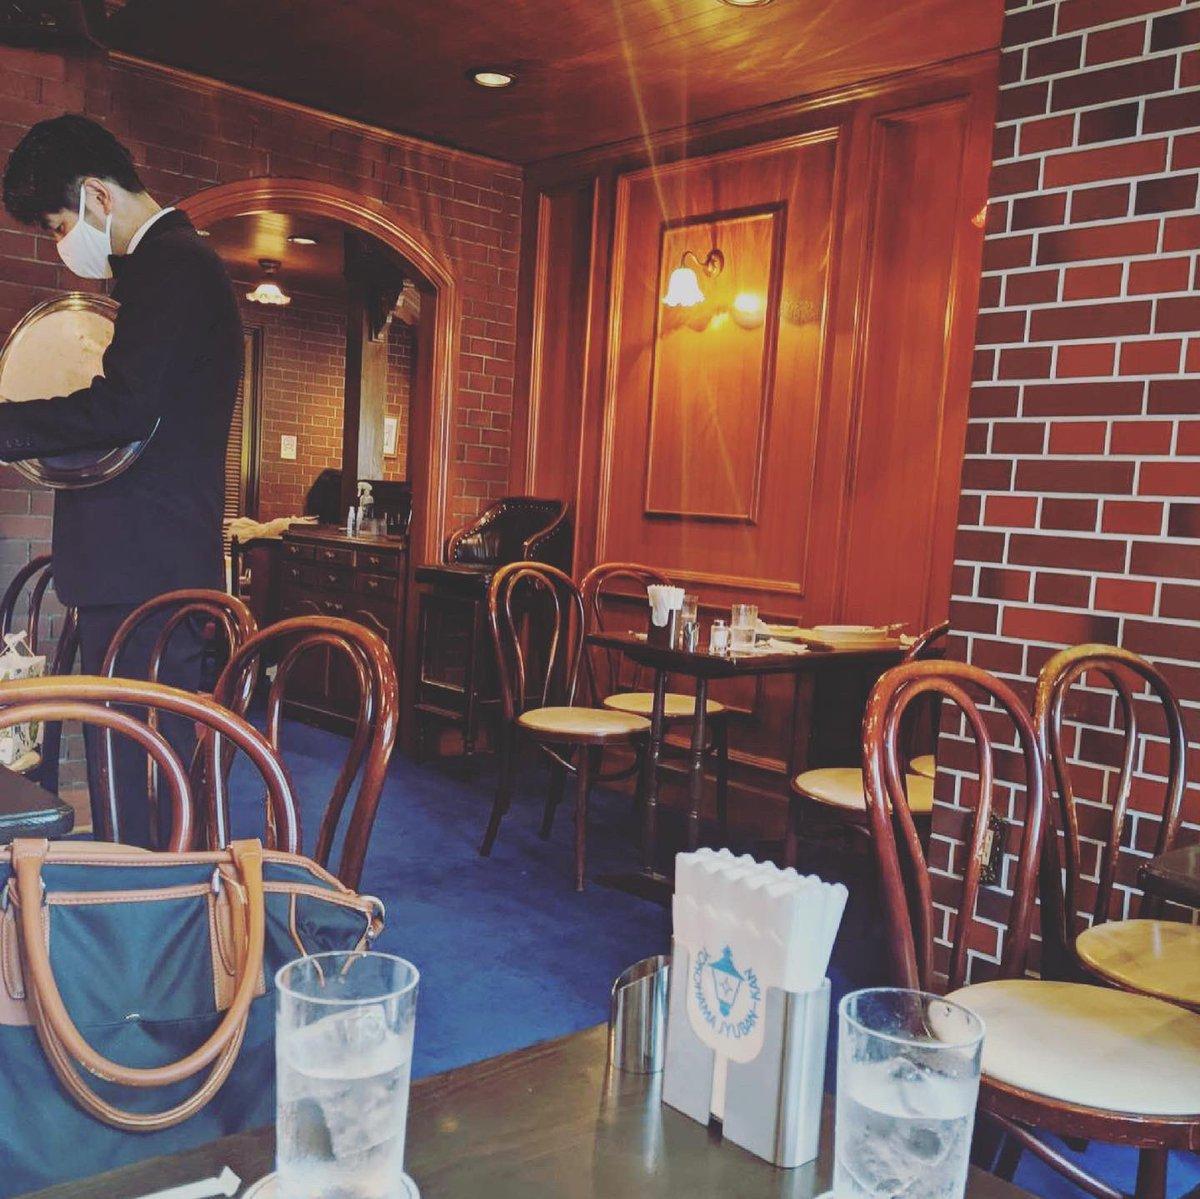 test ツイッターメディア - こないだクリームソーダブームの悪口を言ったばかりですが、横浜関内の「馬車道十番館」で飲めるソーダ水はあの固有のジャンクさとメロン果汁を使用した上品さがいい塩梅でかなりよかった。 https://t.co/IvIzu61uV4